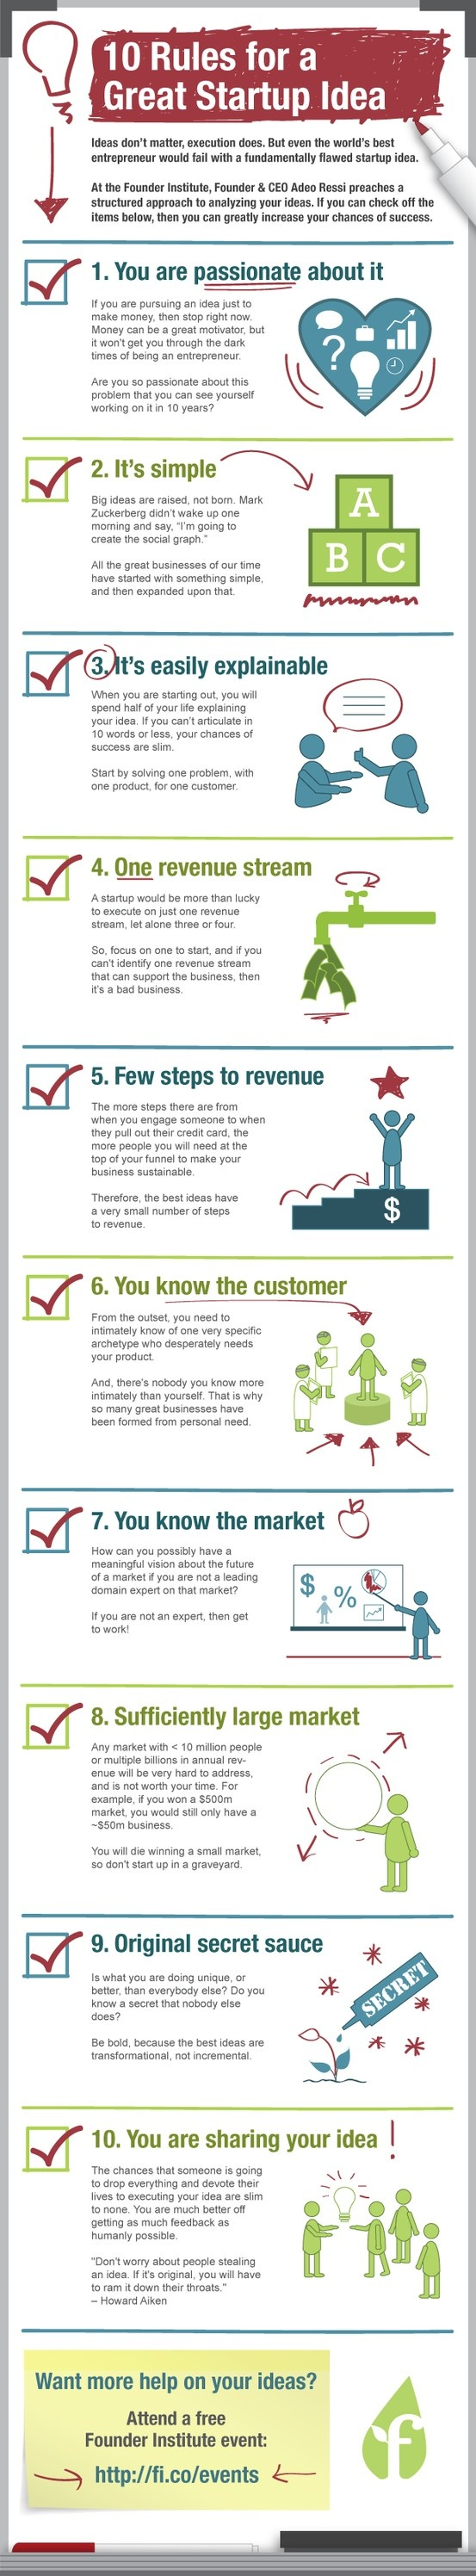 10 savjeta Founder Instituta za uspješan #startup